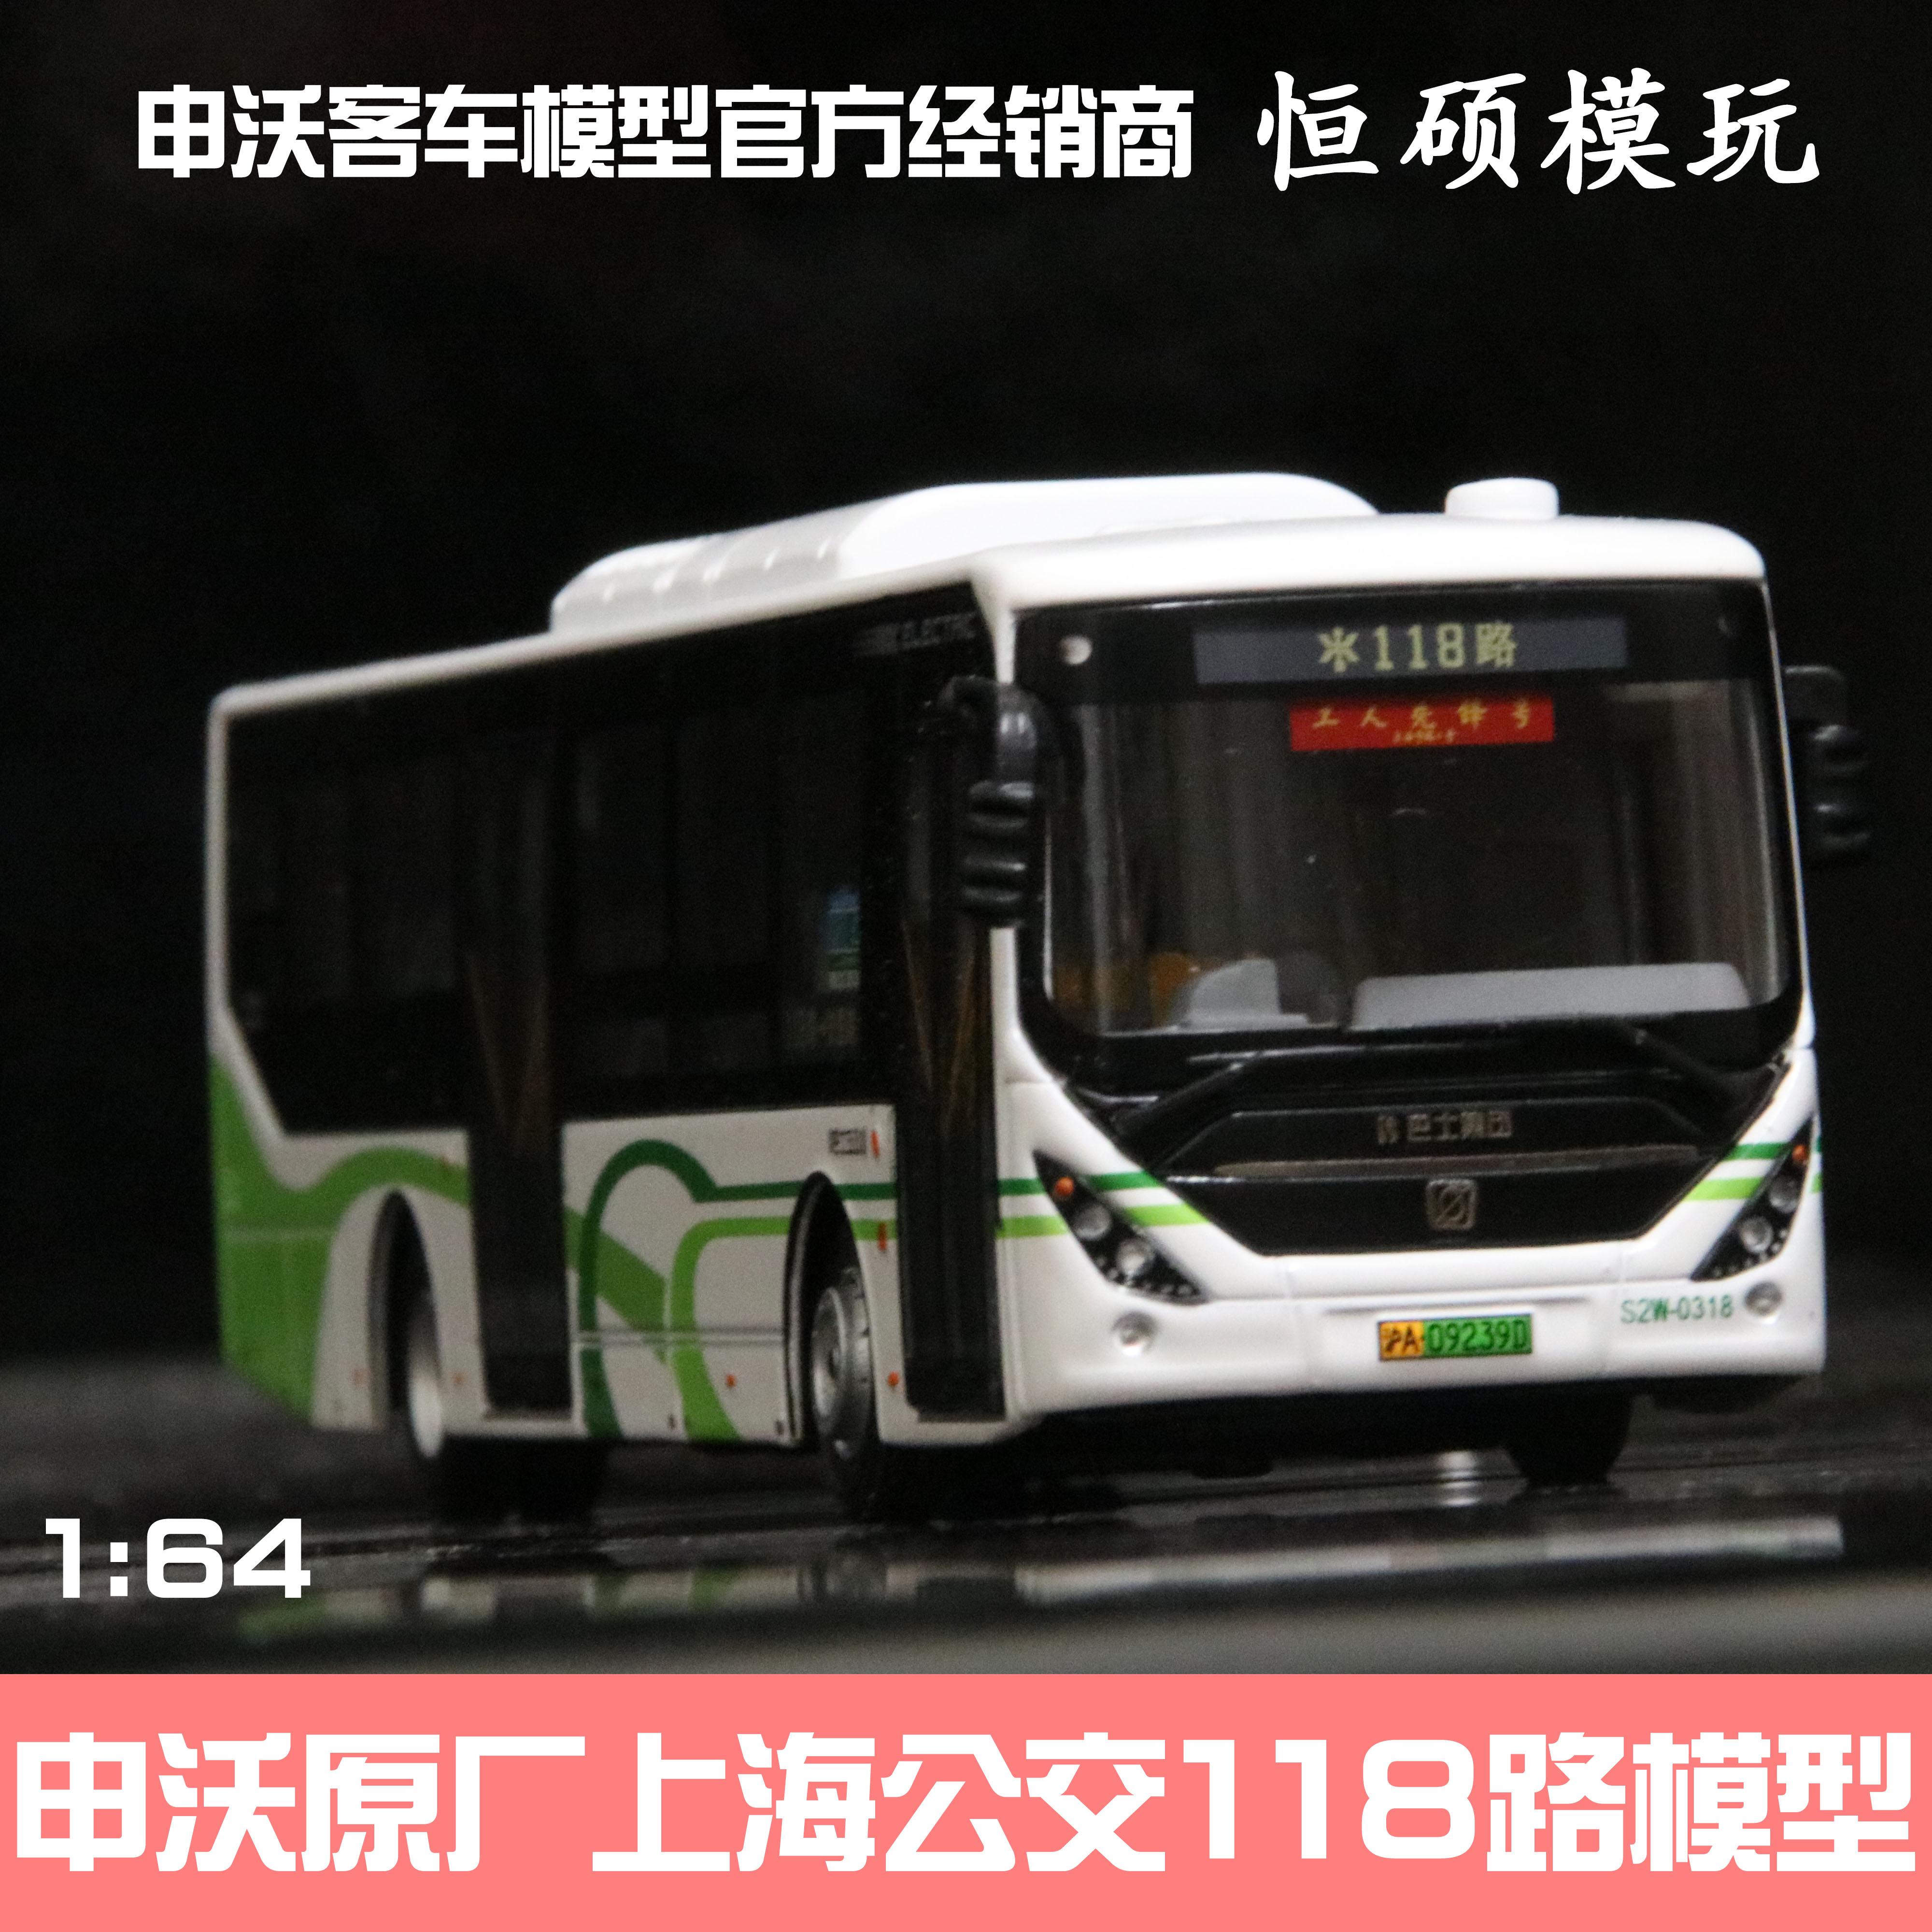 【原厂】1/64 上海申沃客车新能源纯电动公交巴士模型 55路 118路